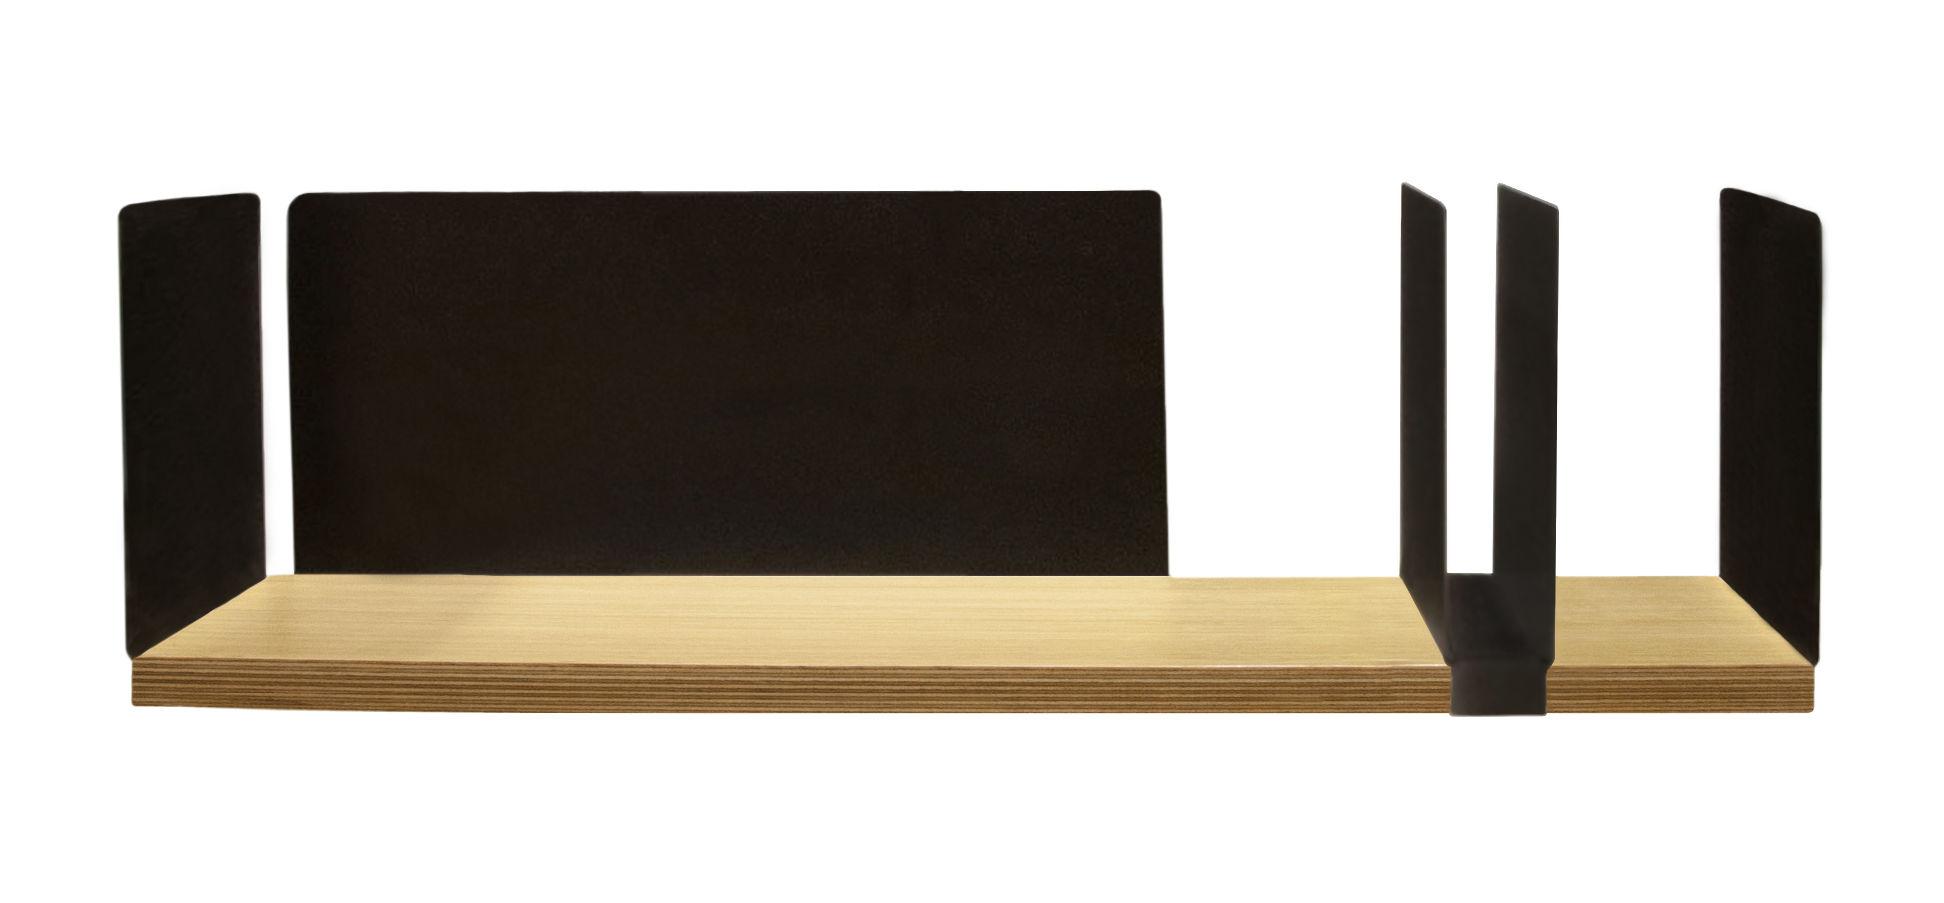 Möbel - Regale und Bücherregale - Portable Atelier Regal / Moleskine - L 60 cm - mit Dokumentenhalter - Driade - Holz & schwarz / verschiebbarer Dokumentenhalter schwarz - Eichenholzfurnier, lackierter Stahl